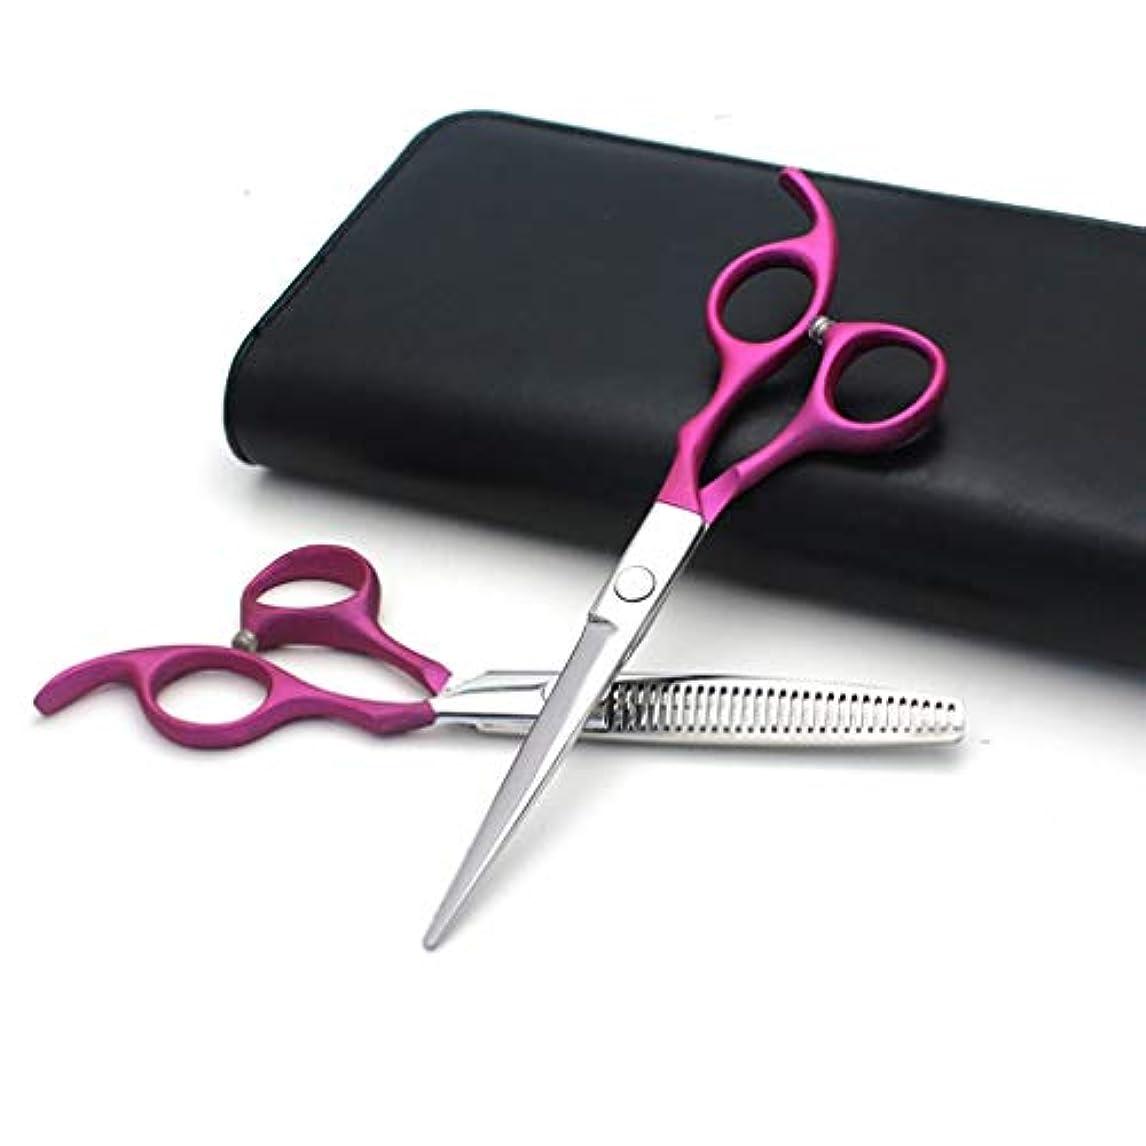 幻滅テレマコスフィドル美容院のはさみは6.0インチ、大広間、理髪師または家の使用のための専門の毛のはさみそして理髪の薄くなるはさみを、軽くそして鋭く設定します,Pink